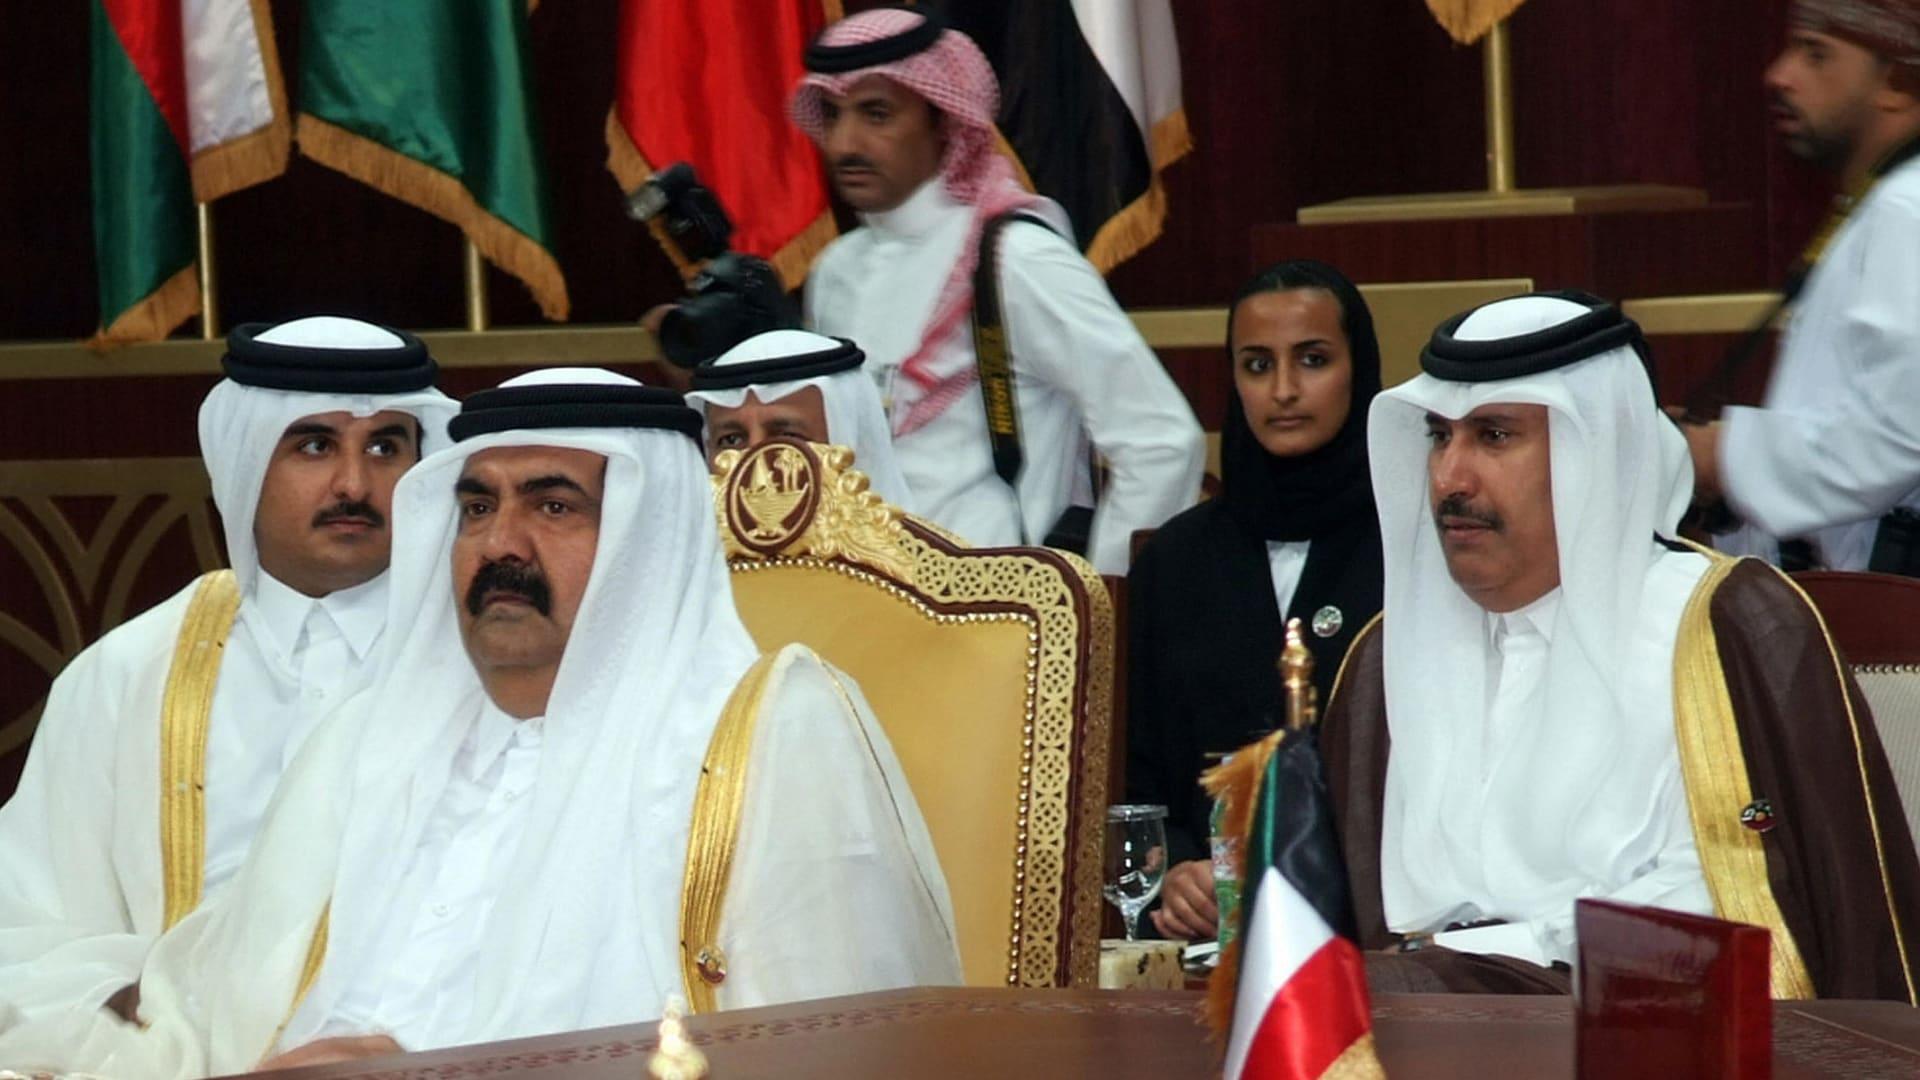 صورة أرشيفية العام 2007: حمد بن جاسم (يمين) رئيس وزراء قطر وتميم بن حمد (يسار) ولي عهد قطر وأمير قطر حينها حمد بن خليفة